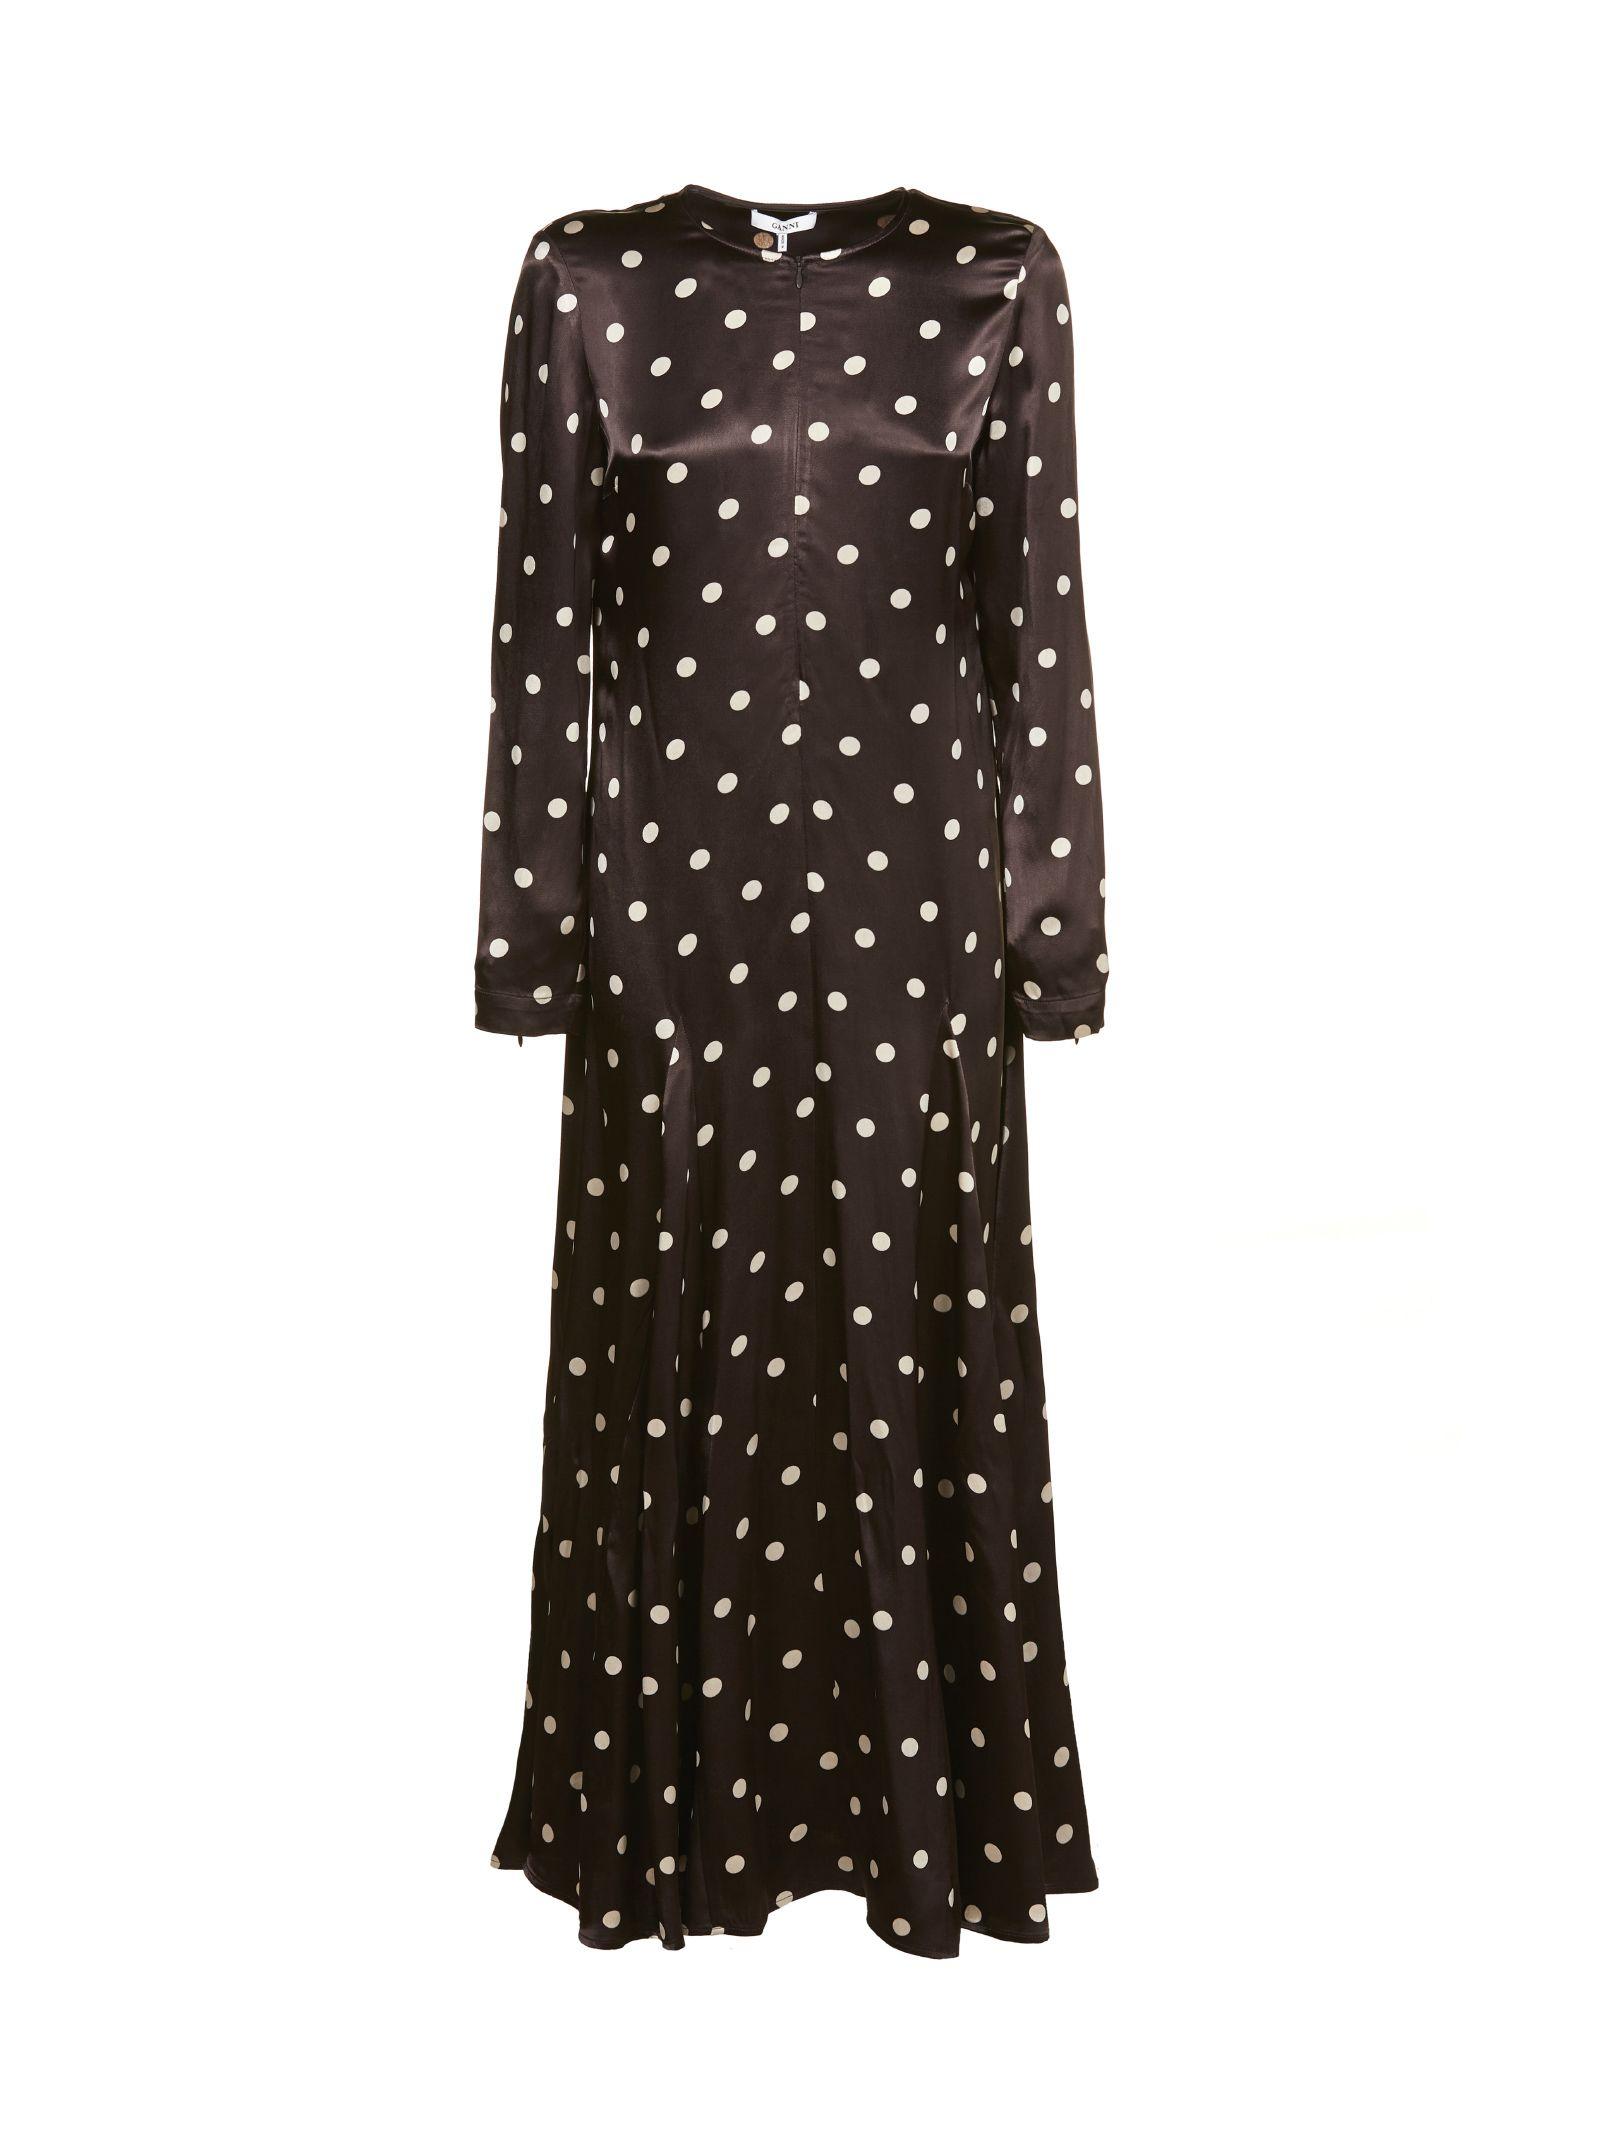 Ganni Polka Dot Dress